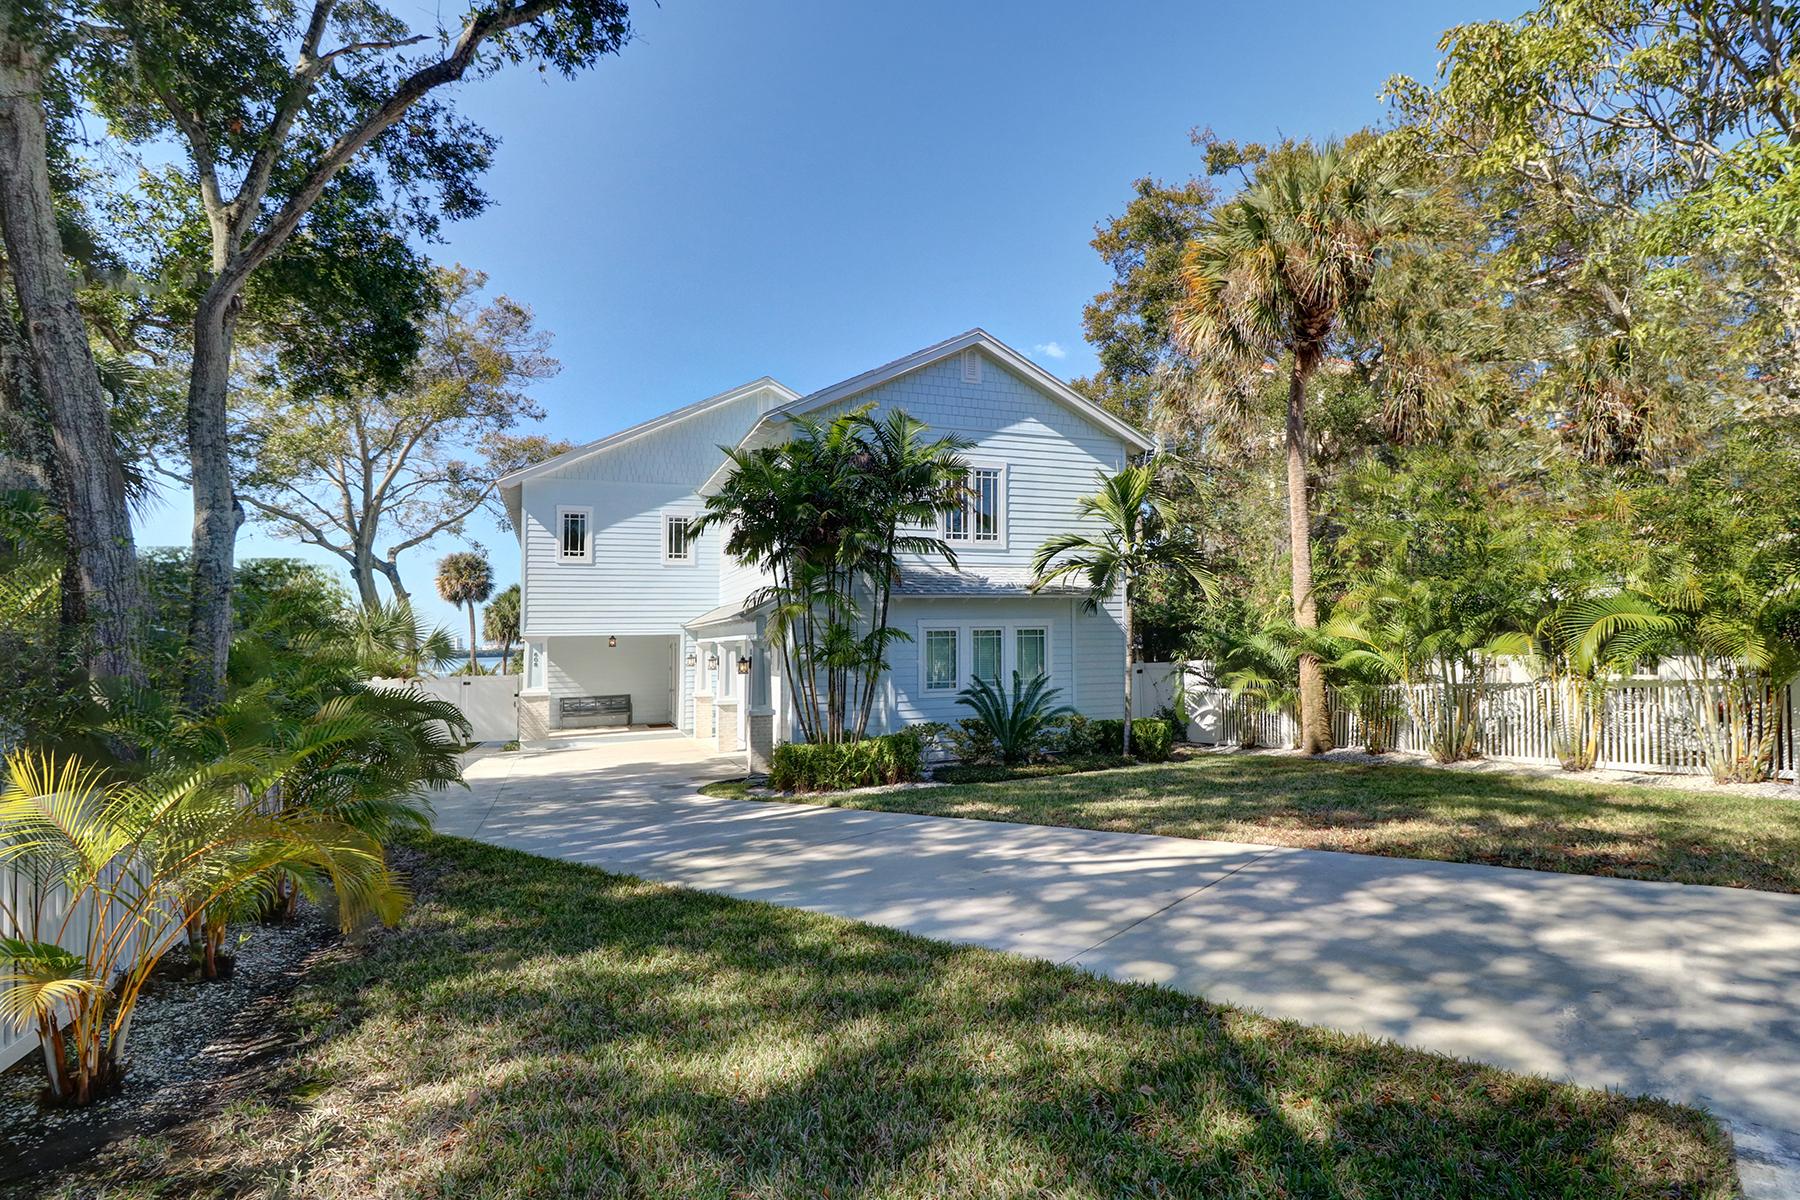 단독 가정 주택 용 매매 에 CLEARWATER 608 N Osceola Ave Clearwater, 플로리다, 33755 미국